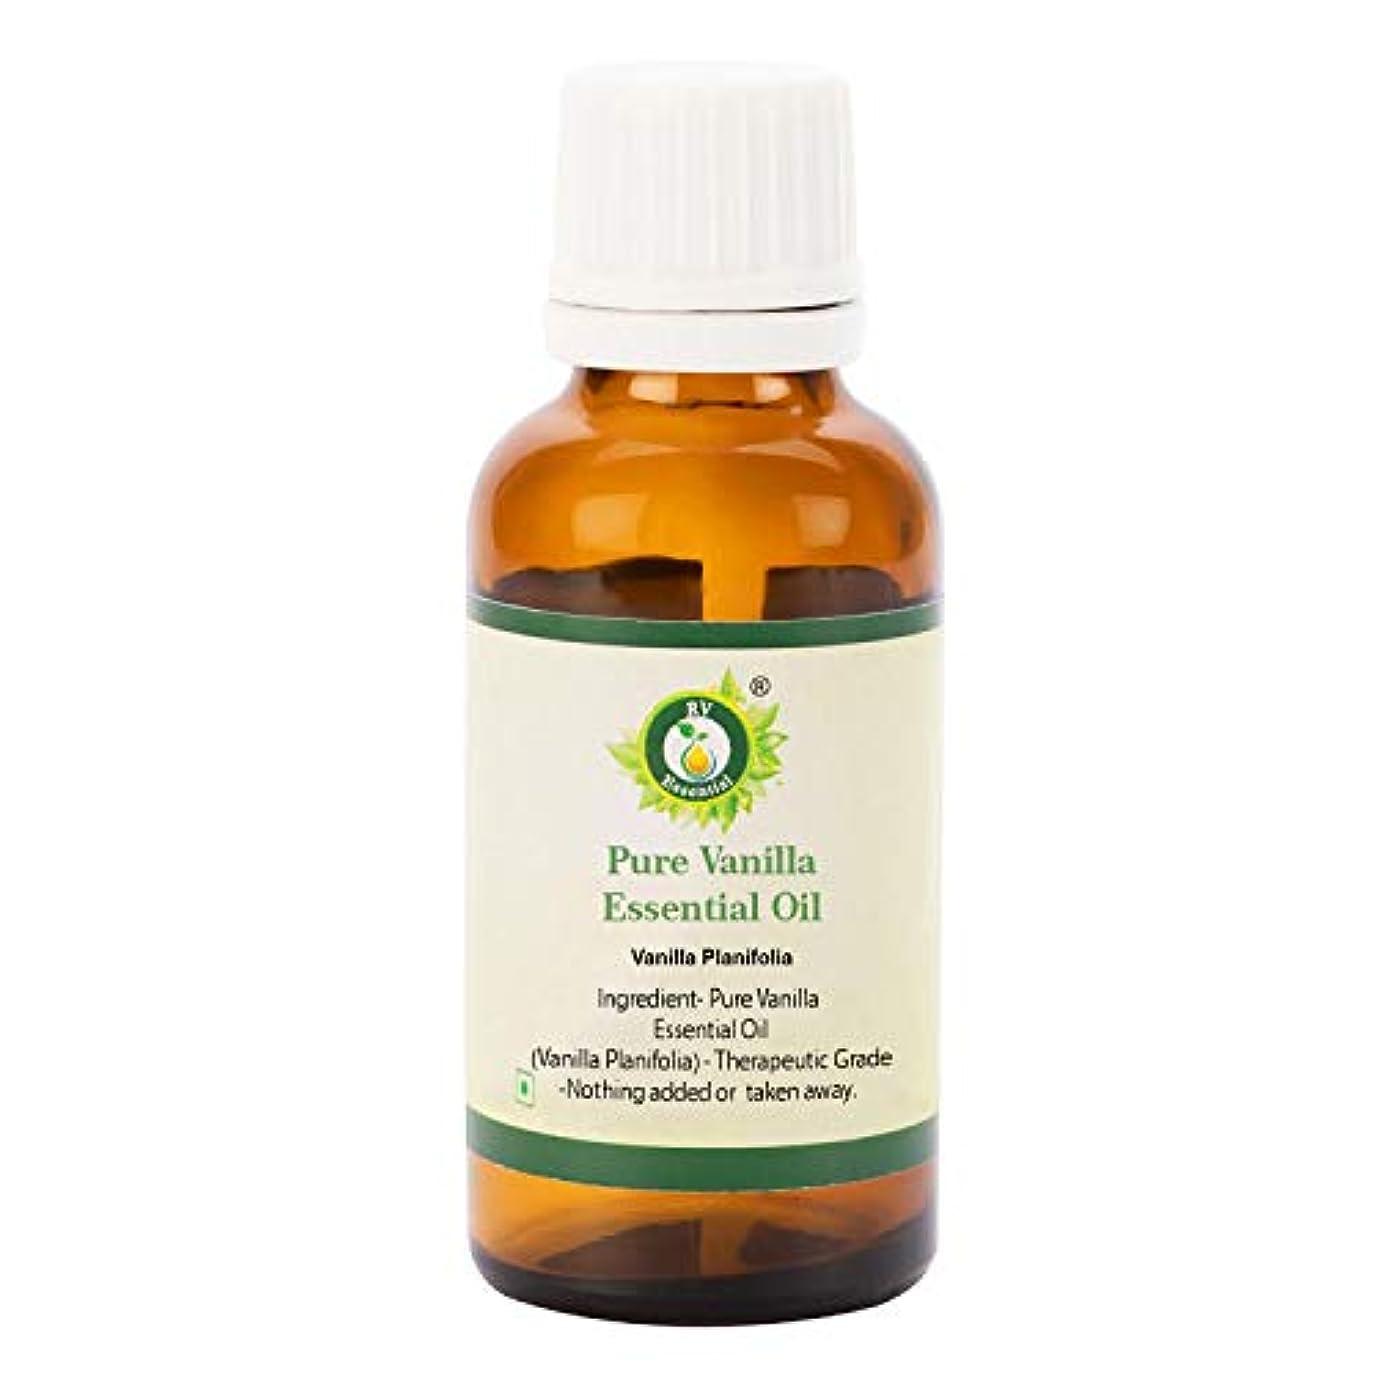 アンタゴニスト裏切る等々R V Essential ピュアバニラエッセンシャルオイル30ml (1.01oz)- Vanilla Planifolia (100%純粋&天然) Pure Vanilla Essential Oil